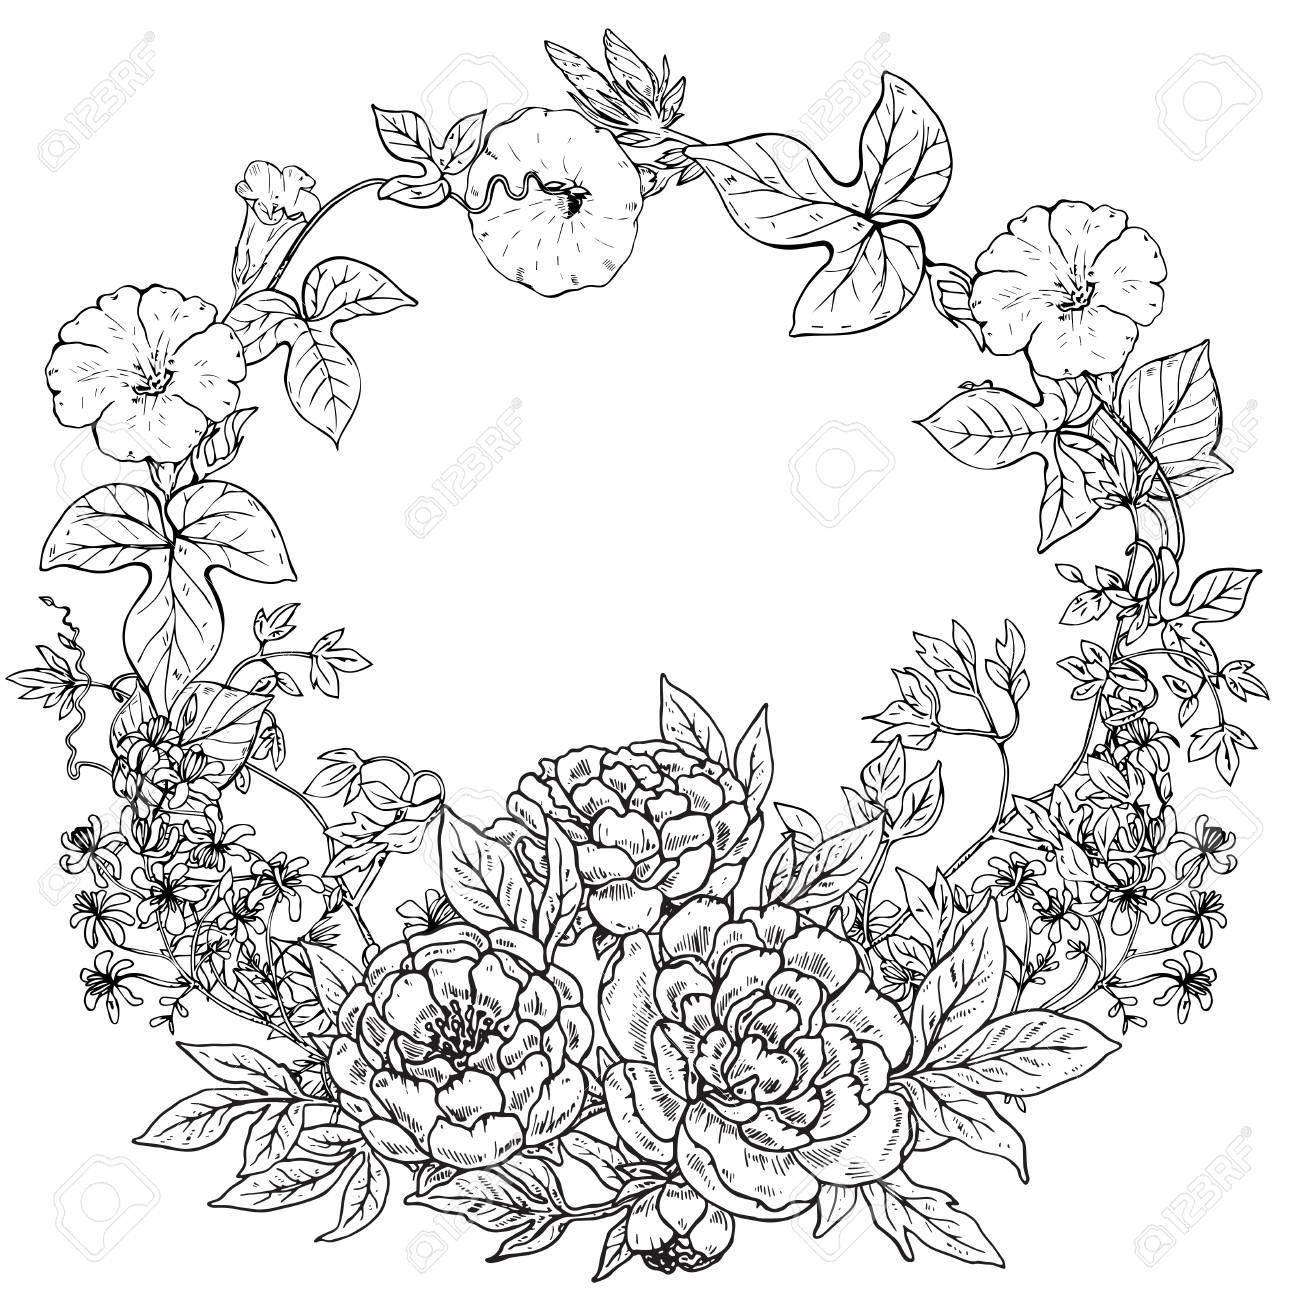 Vector El Marco Con La Guirnalda Dibujada Mano De Las Flores Y De Las Plantas De La Peonía En El Fondo Blanco Marco Gráfico Blanco Y Negro Para